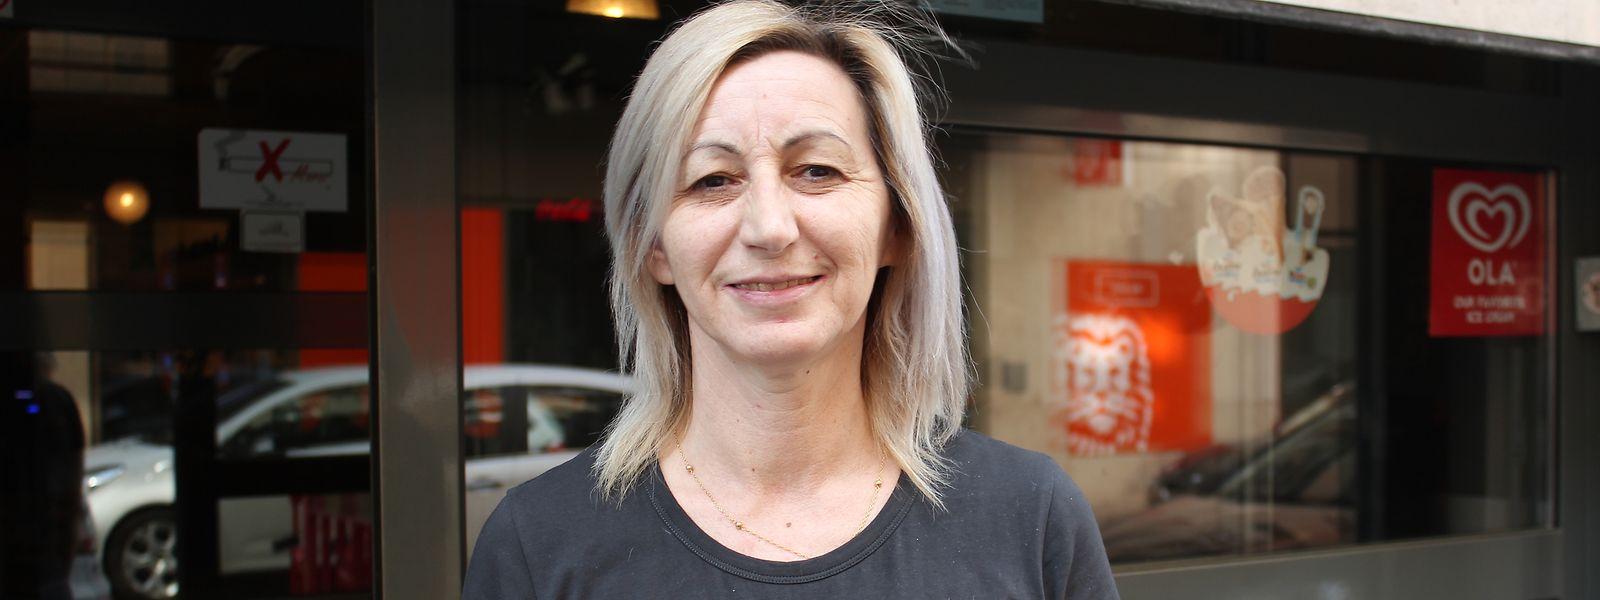 Fernanda Batalau, empresária portuguesa, chegou ao Luxemburgo há 30 anos.